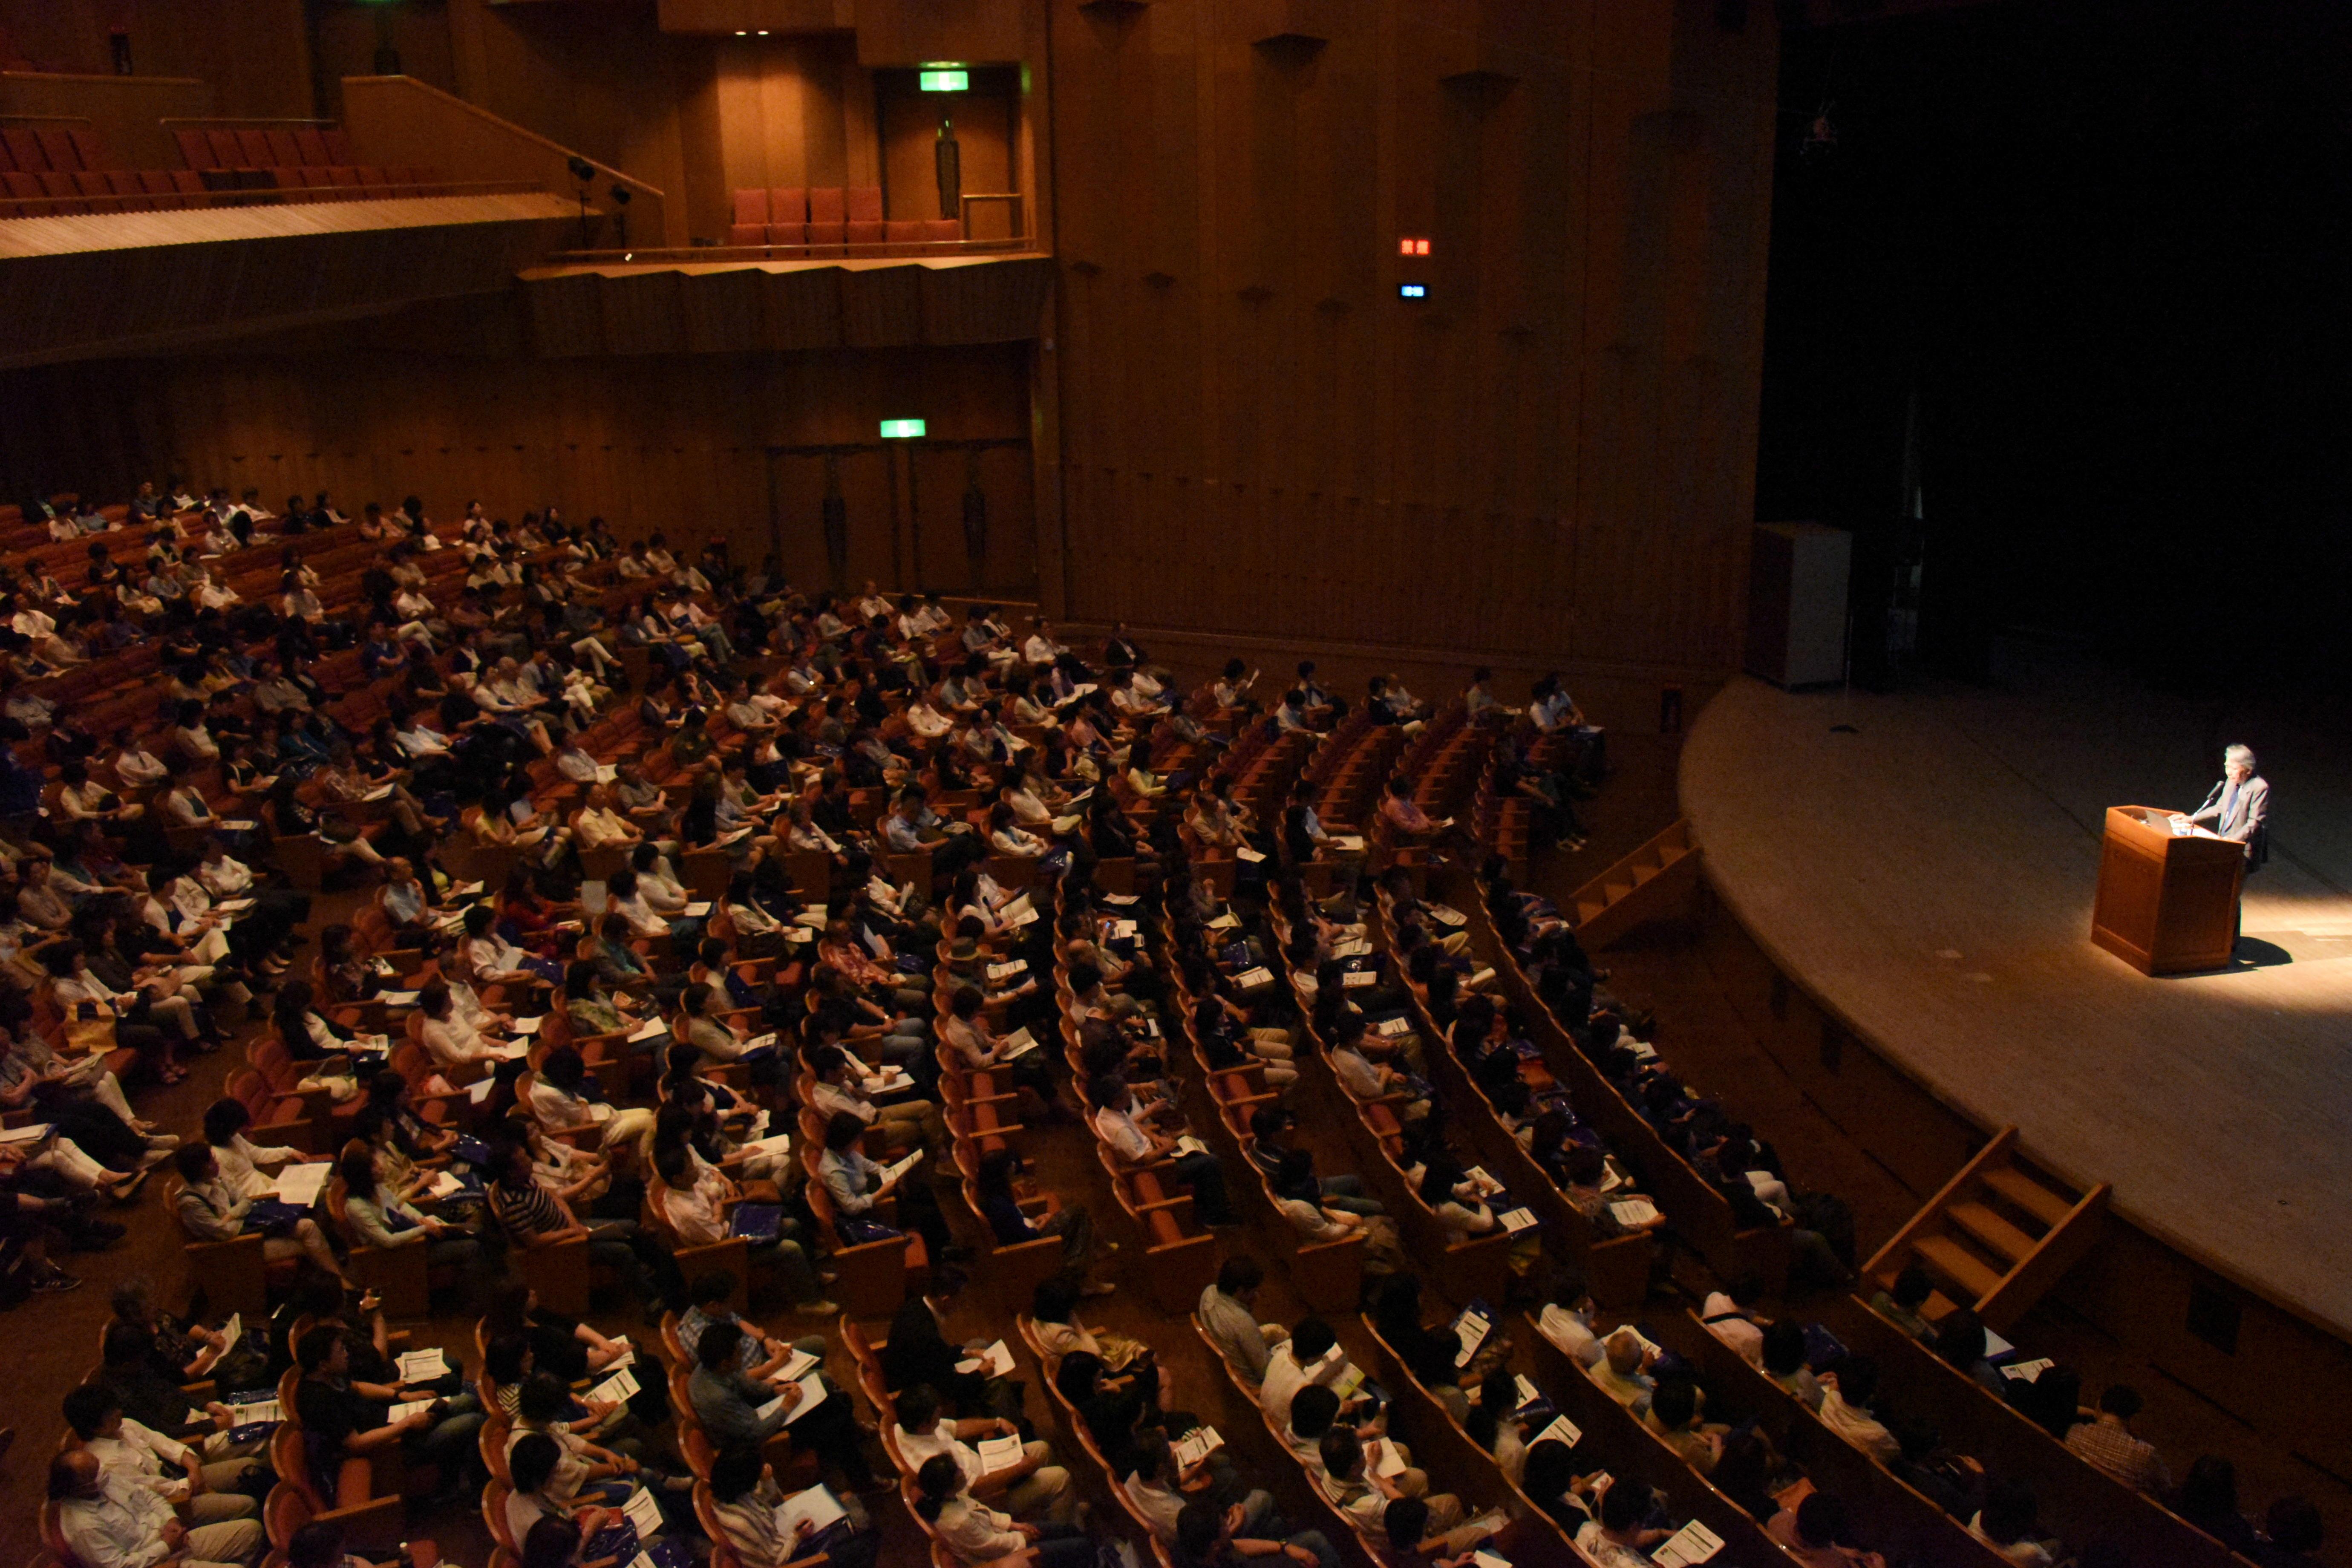 「教育懇談会2018」開催 本学を含む全国9会場で保護者のための懇談会実施 -- 京都産業大学